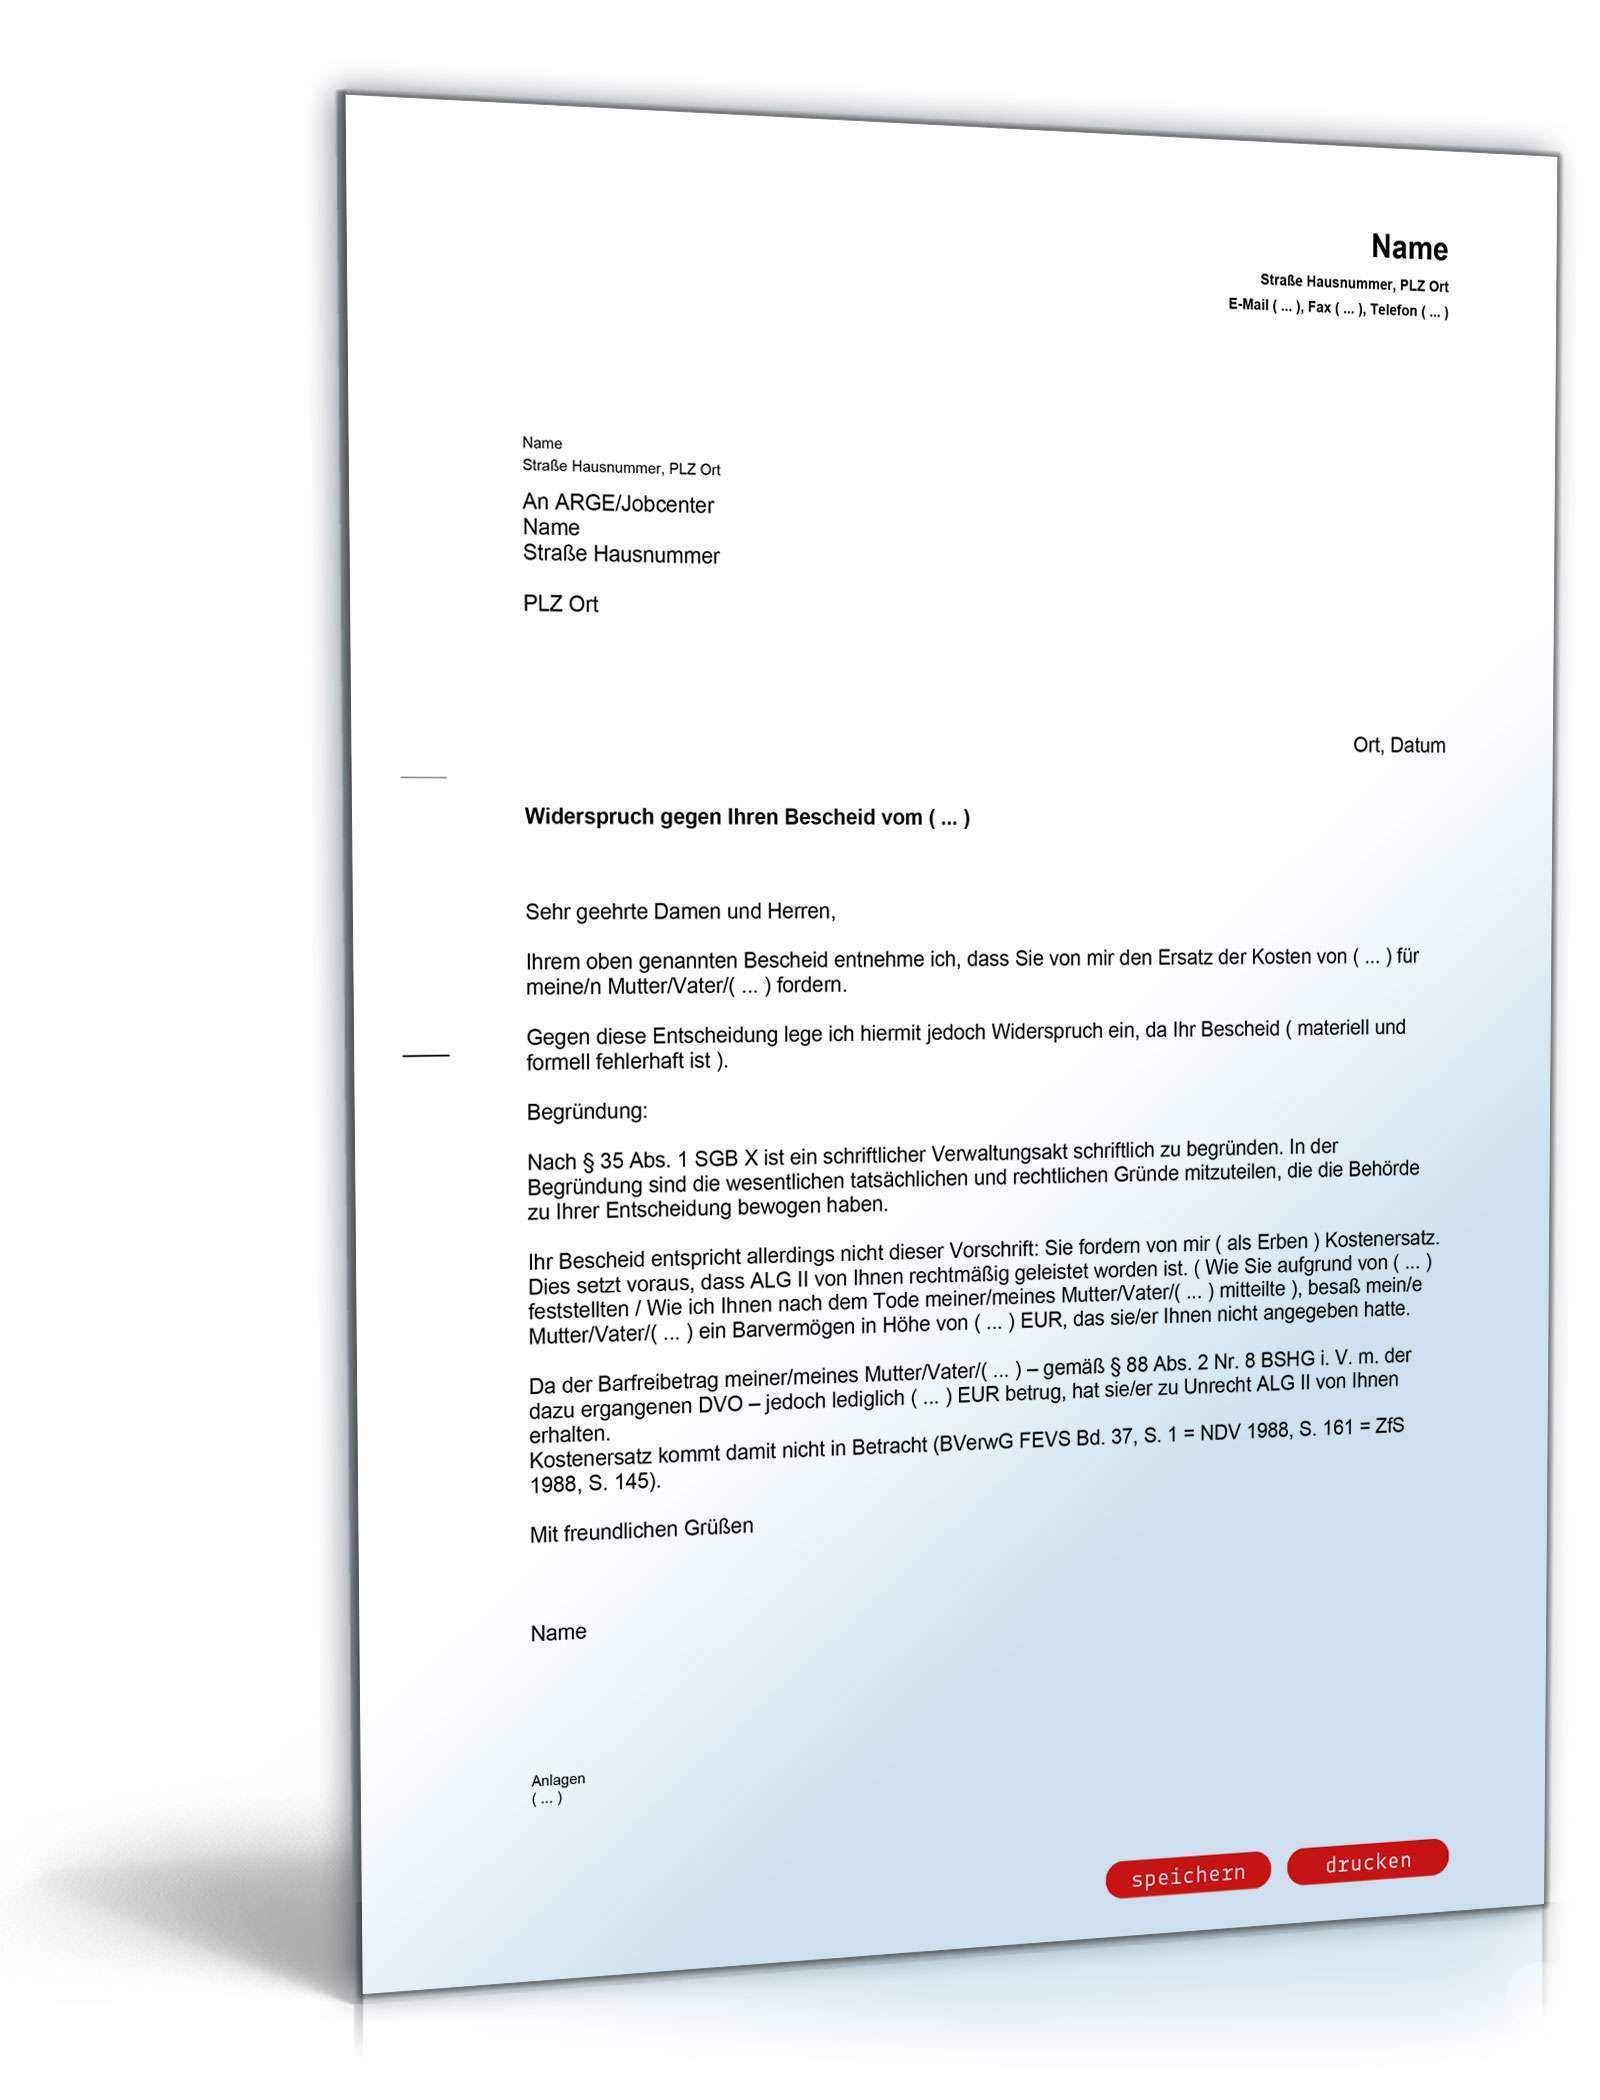 Widerspruch Ruckzahlung Alg Ii Fur Angehorige Vorlage Zum Download